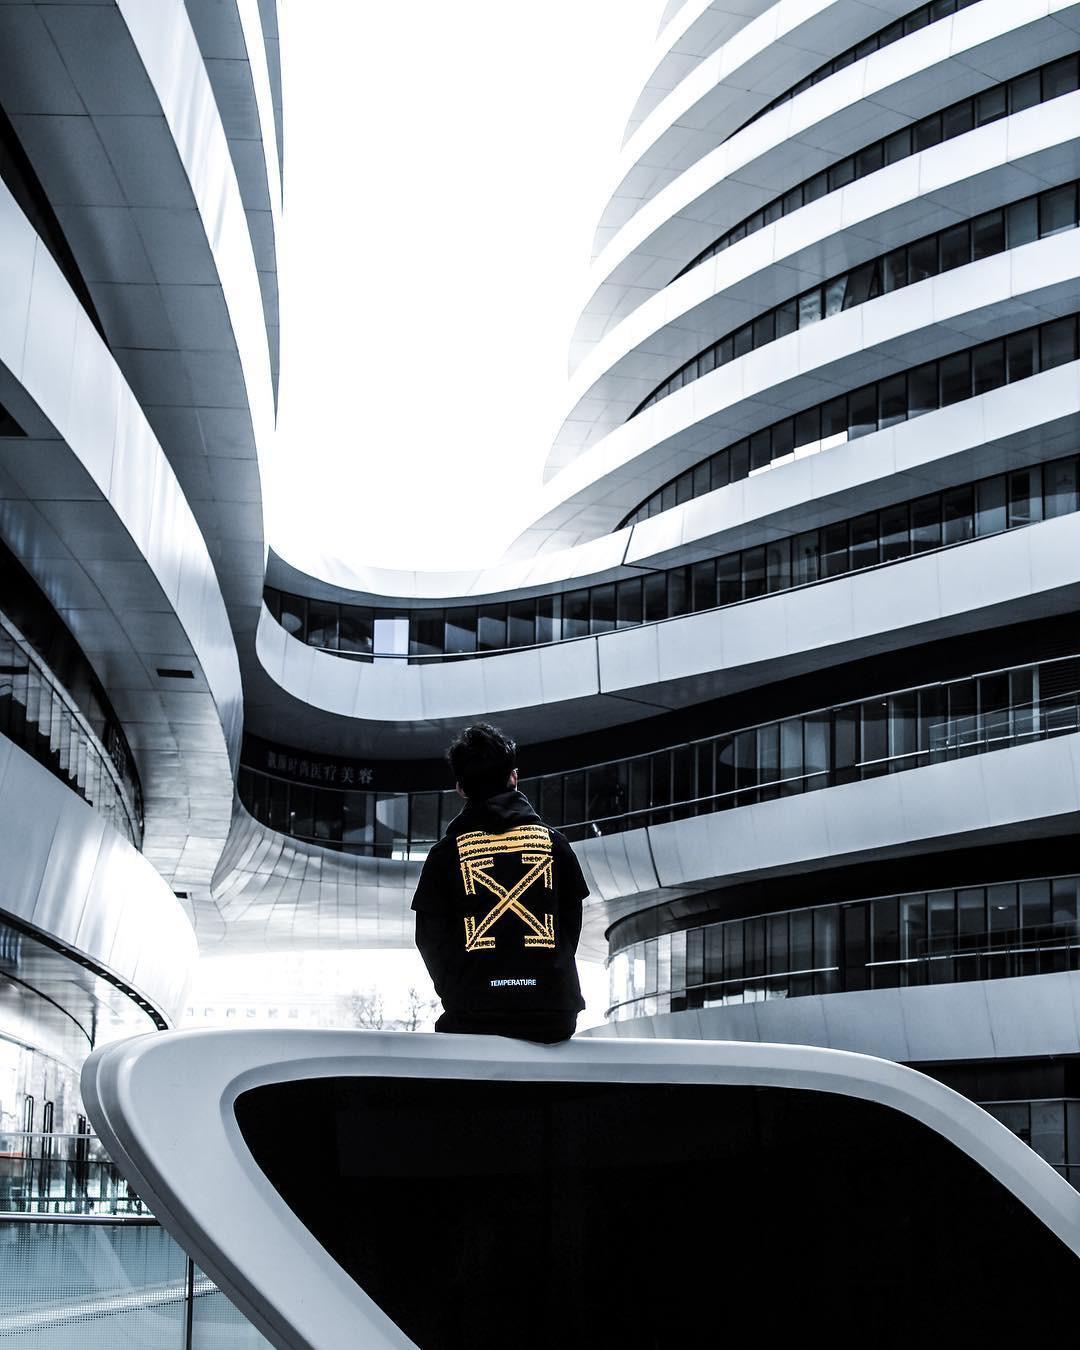 Choáng ngợp trước trung tâm thương mại hình xoắn ốc lên ảnh siêu ảo từng gây tranh cãi khắp Trung Quốc - Ảnh 4.